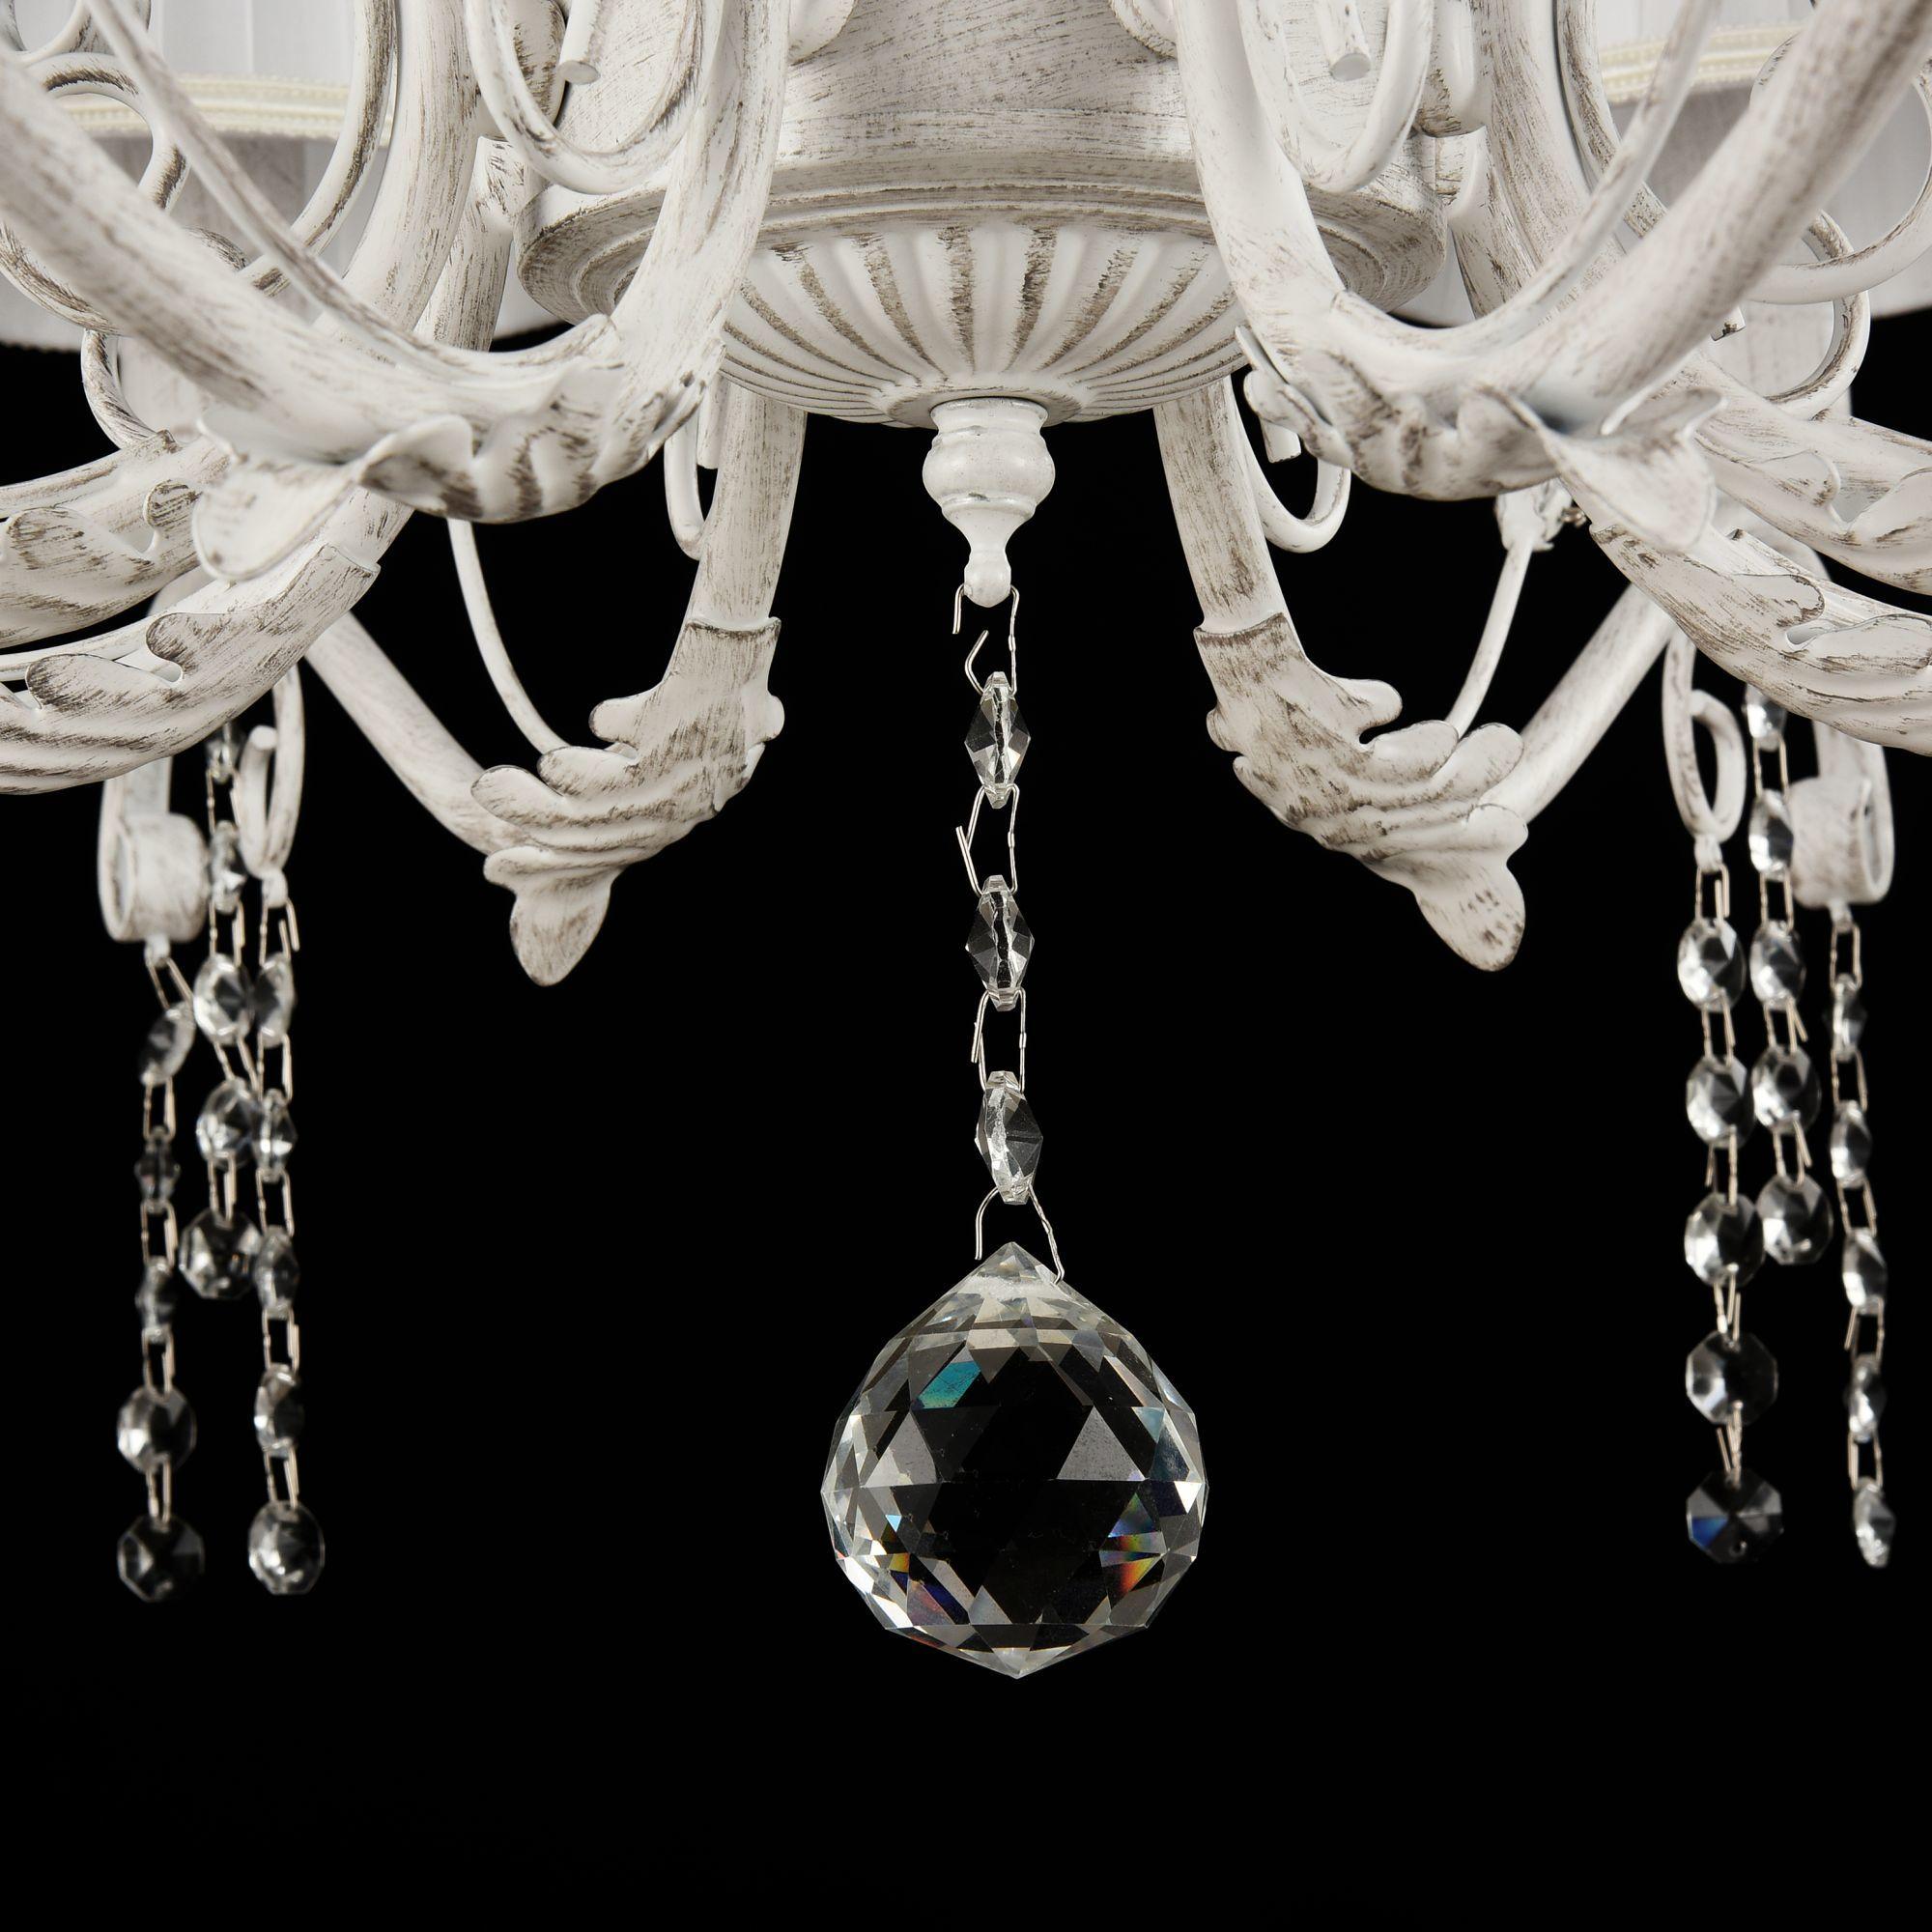 Подвесная люстра Freya Liviano FR2613-PL-08-W (FR613-08-WG), 8xE14x40W, белый с золотой патиной, белый, прозрачный, металл, текстиль, хрусталь - фото 4